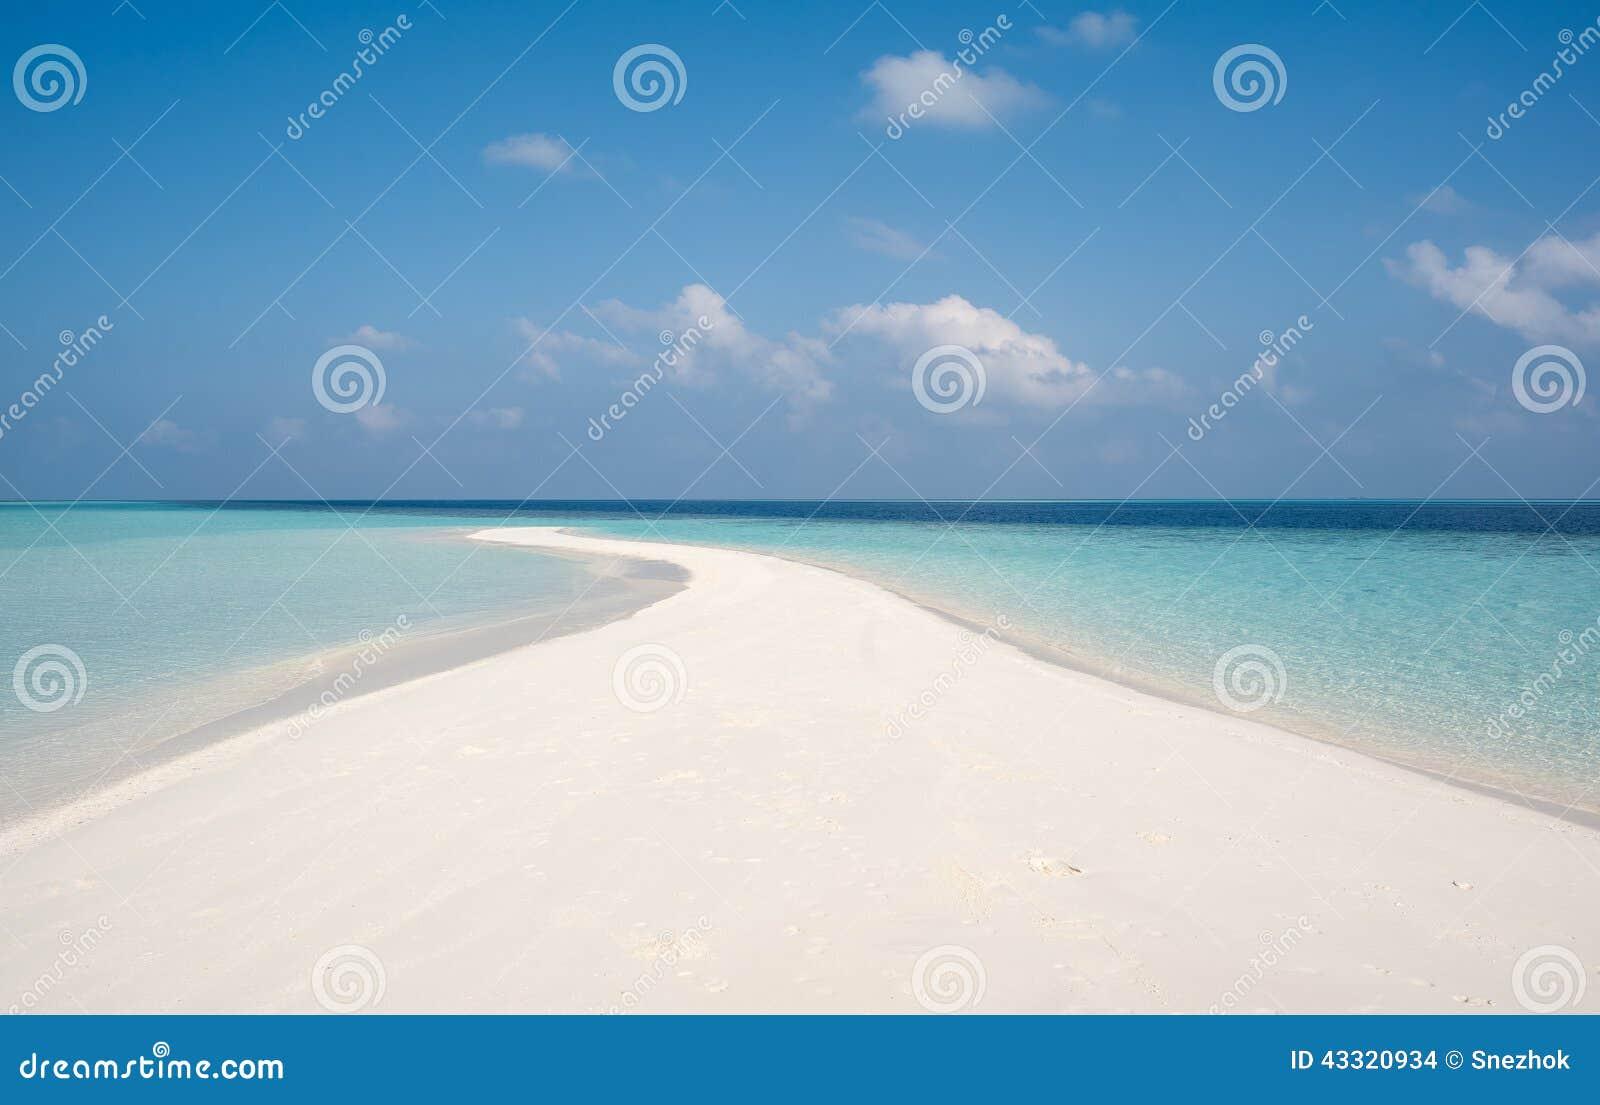 Вертел песка